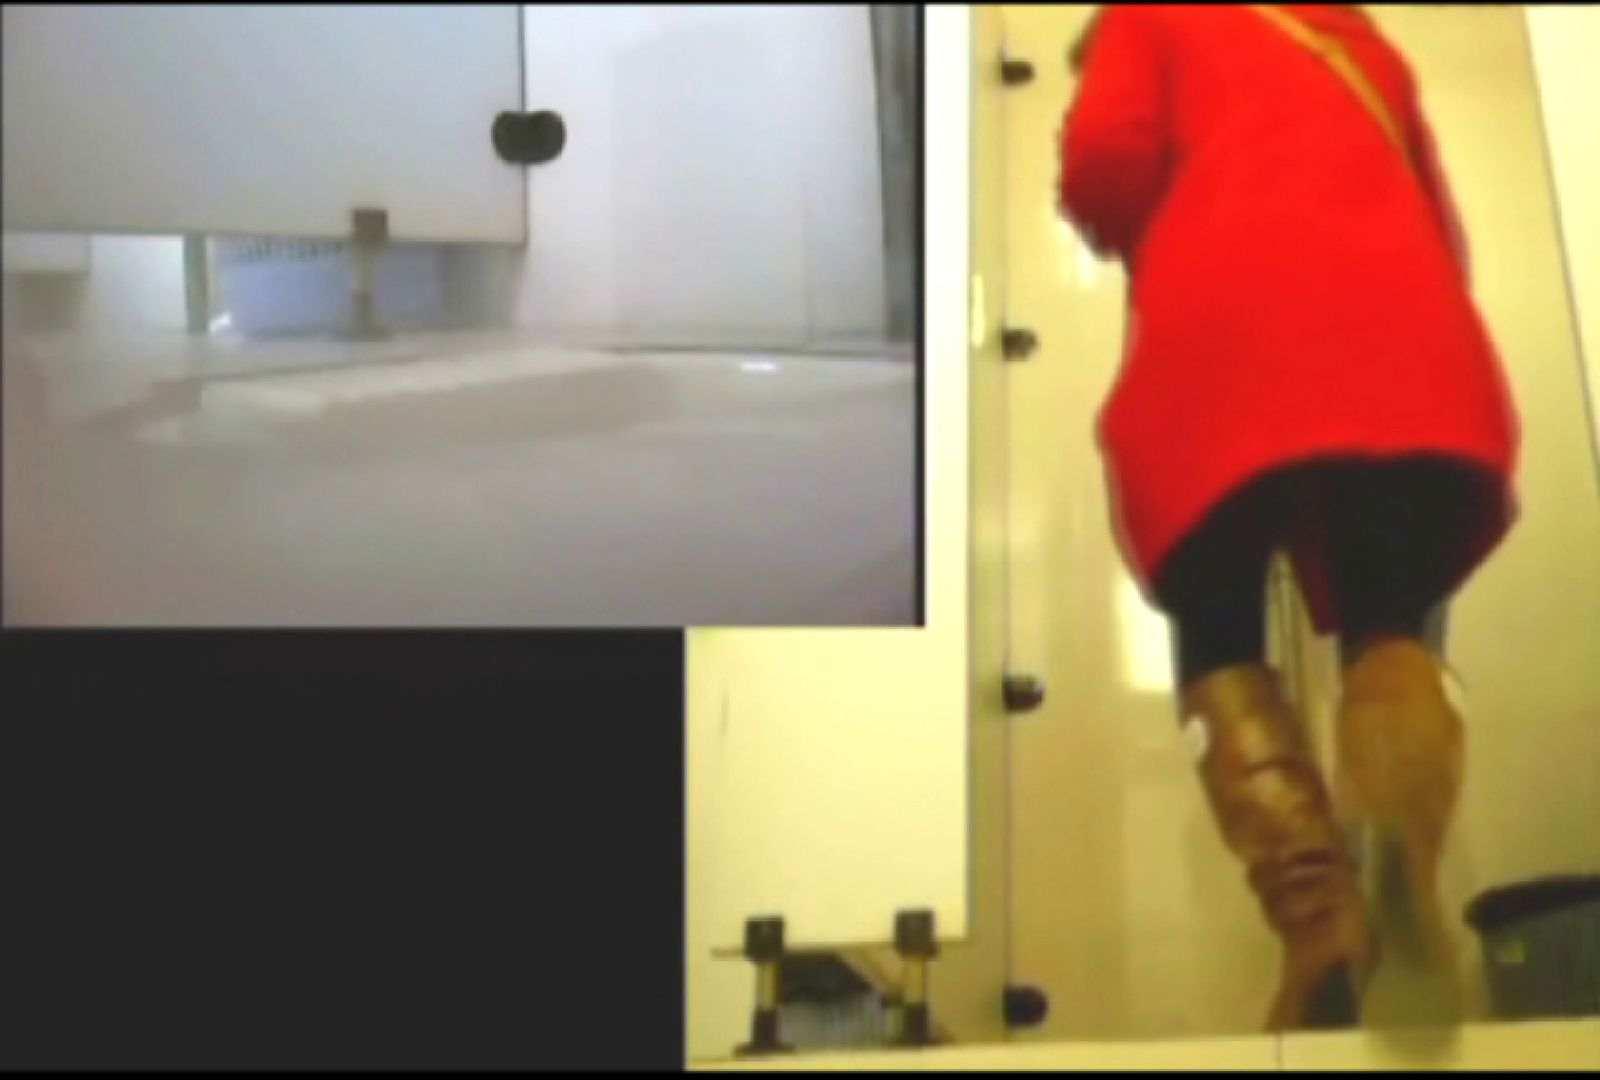 洗面所で暗躍する撮師たちの潜入記Vol.4 エロティックなOL スケベ動画紹介 104画像 17